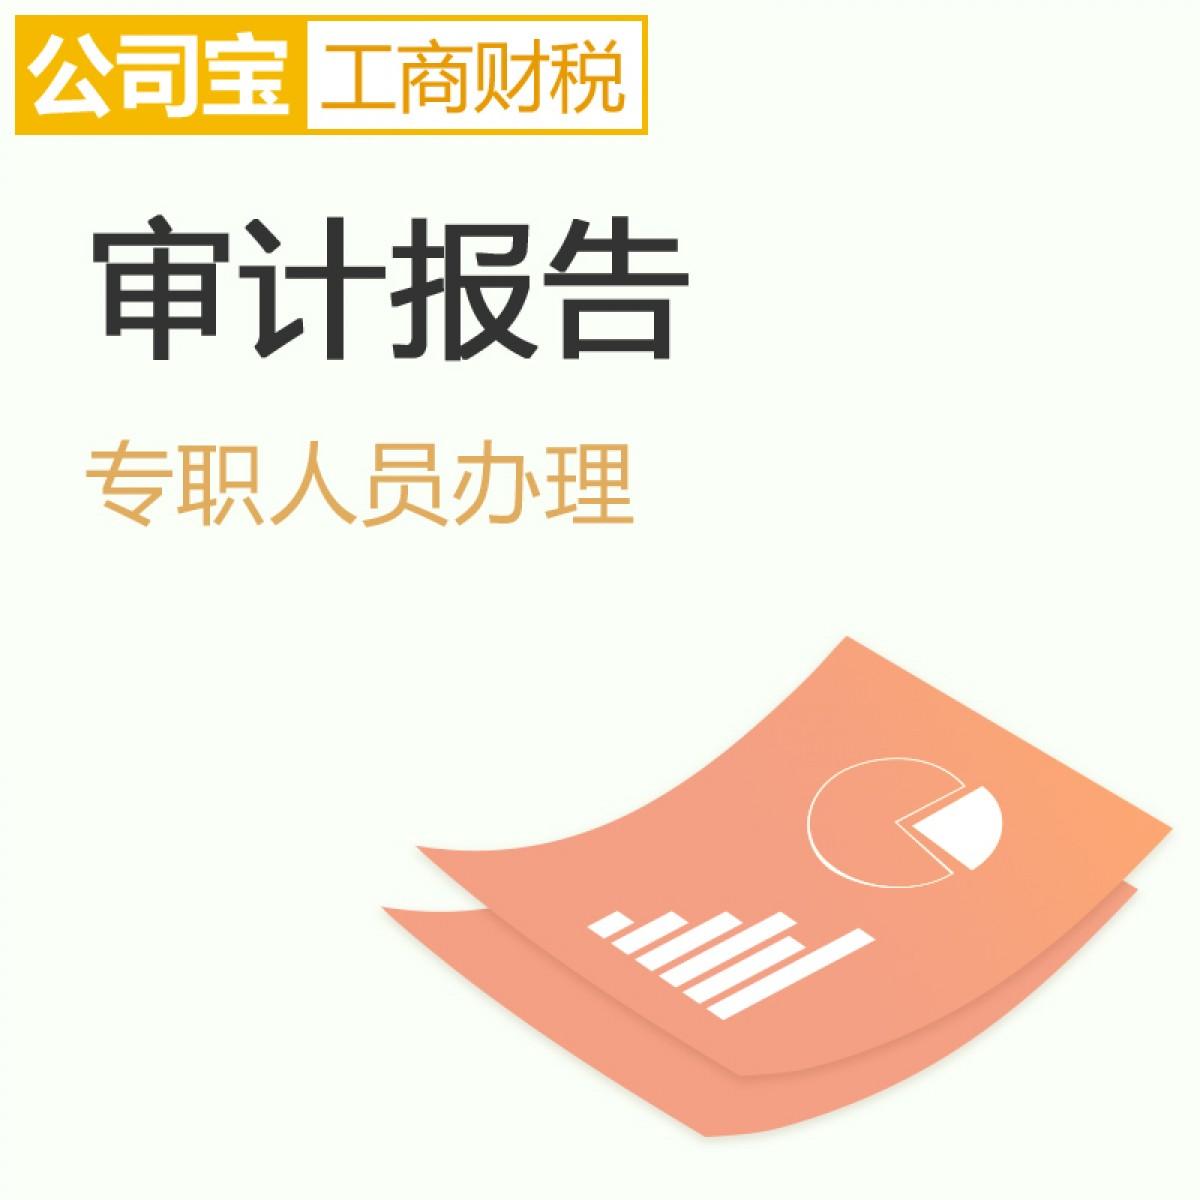 审计报告 年审报告 税审报告 公司宝工商财税 北京